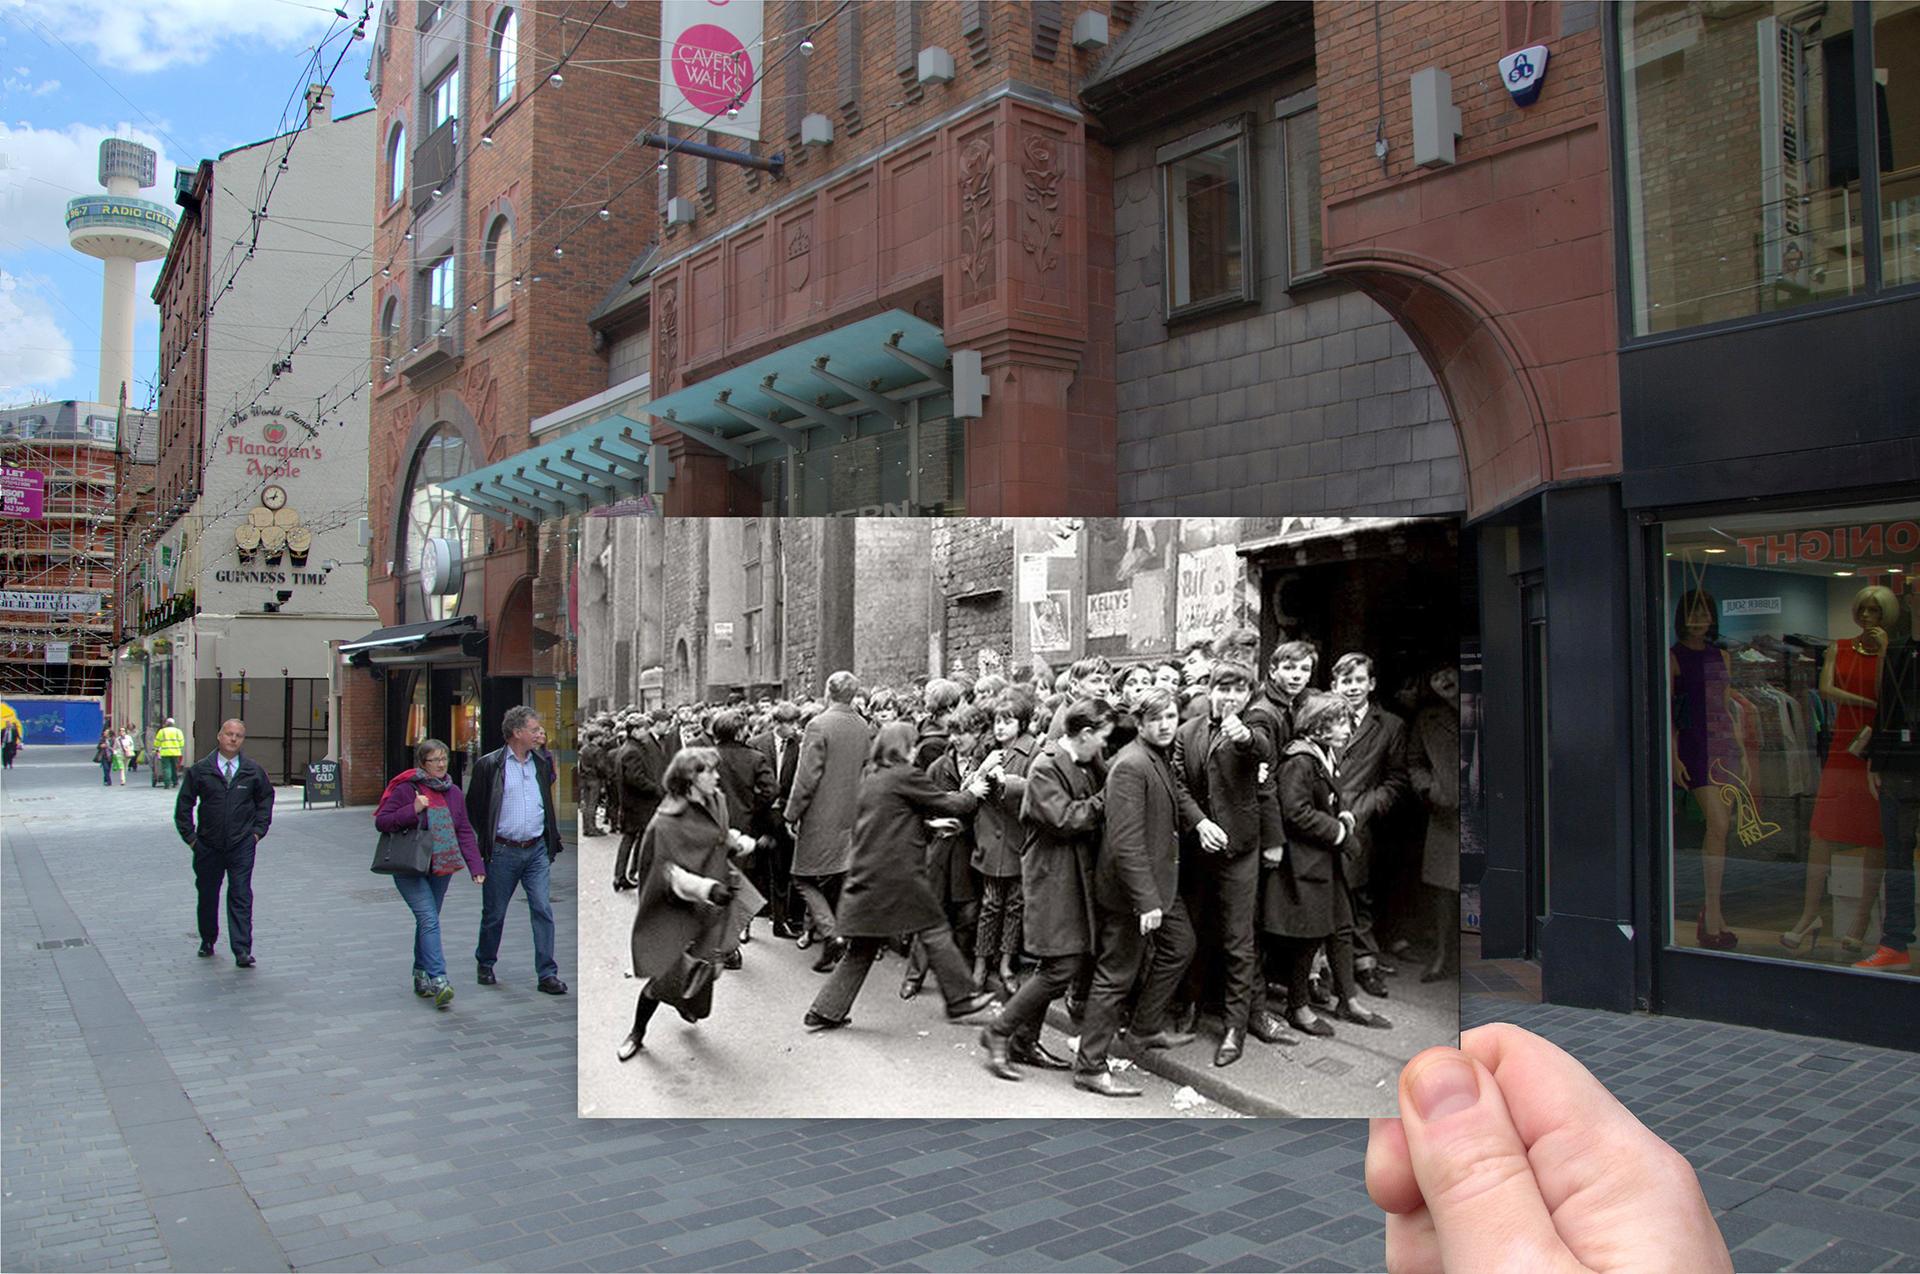 La ubicación original del Cavern Club en Mathew Street, superpuesta con una enorme cola para un concierto de los Beatles en los años 1960